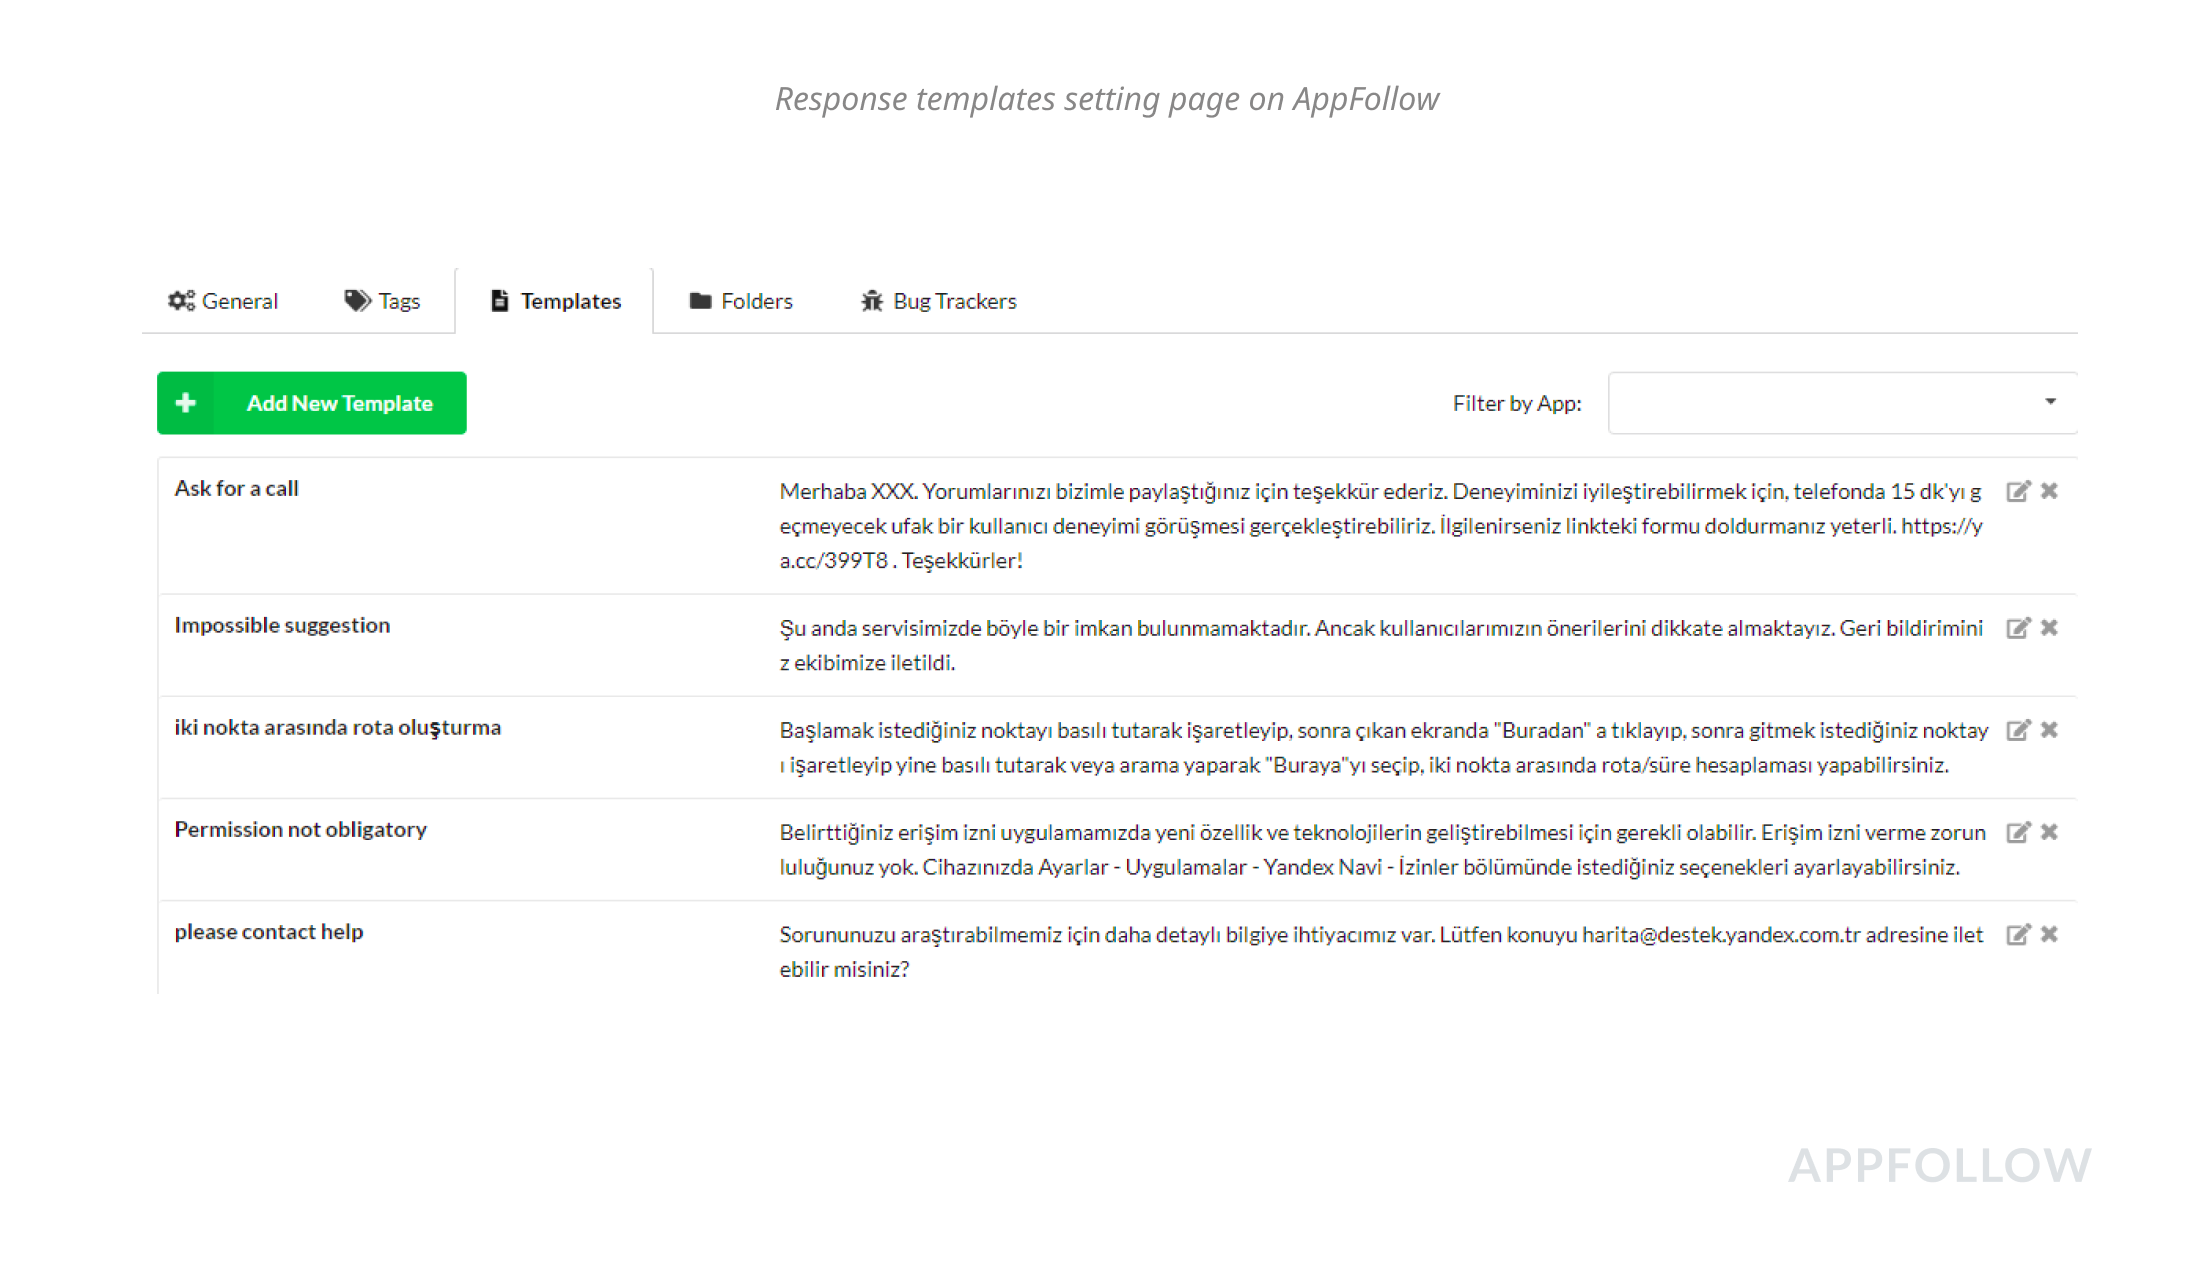 Einstellungsseite für Antwortvorlagen auf AppFollow